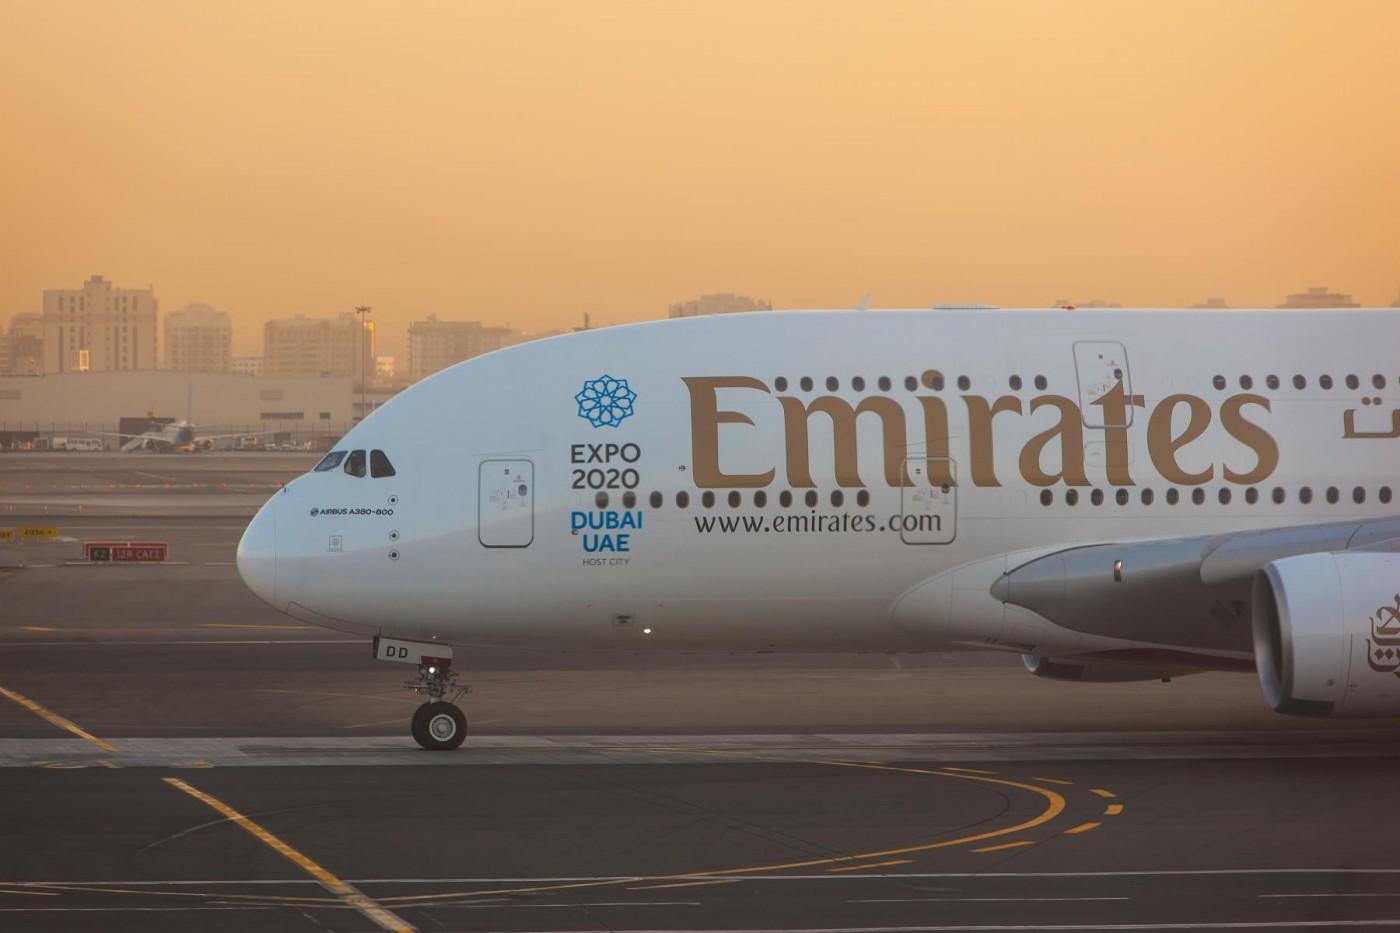 航空公司官網訂票危機四伏,阿聯酋捲入乘客隱私爭議